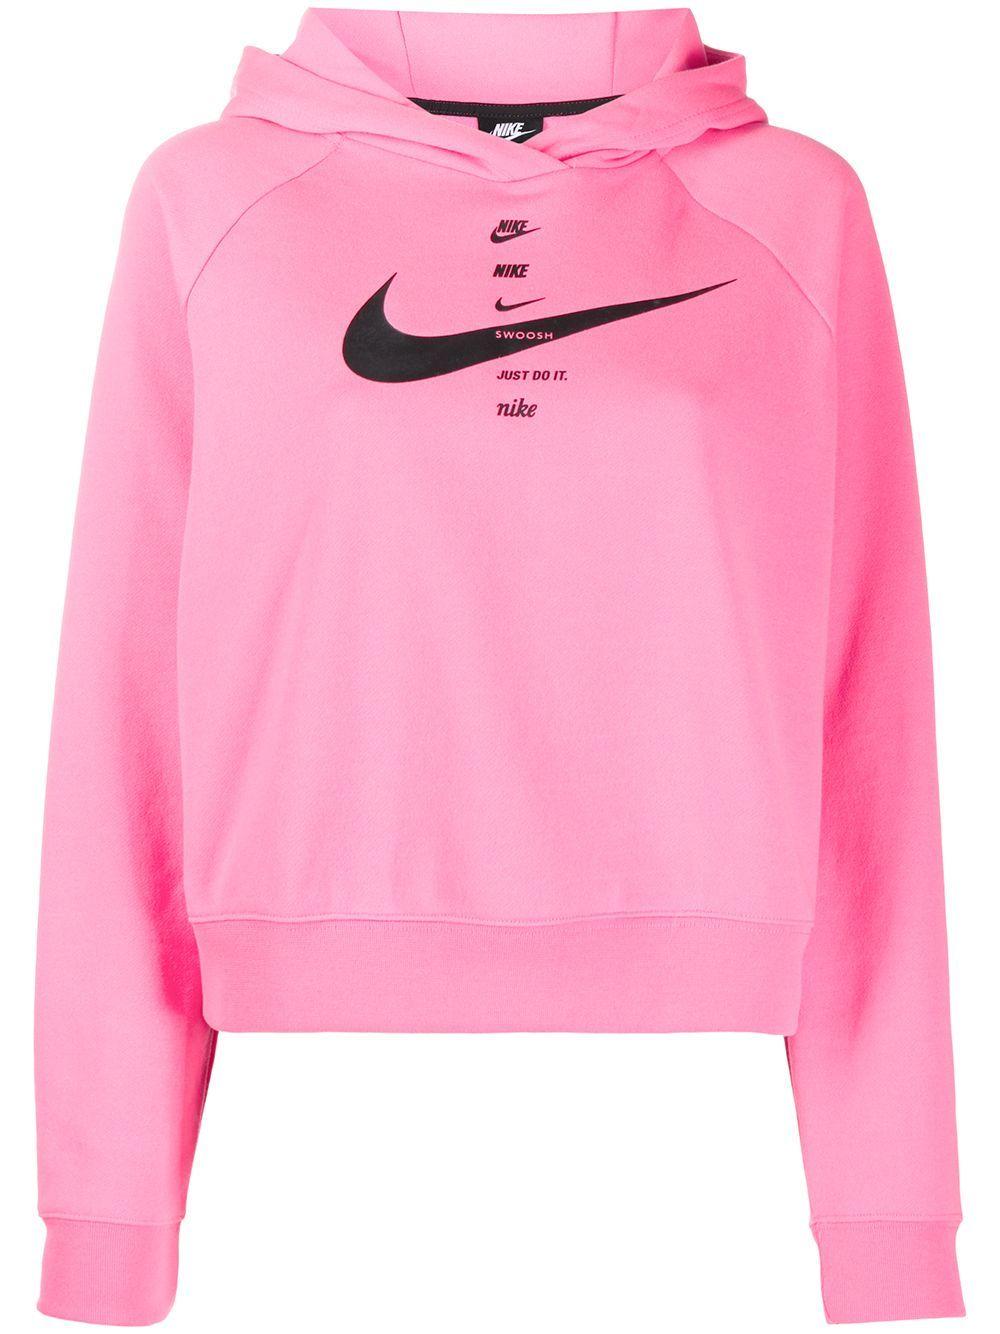 Nike Swoosh Sportswear Hoodie Farfetch Hoodies Sportswear Nike [ 1334 x 1000 Pixel ]